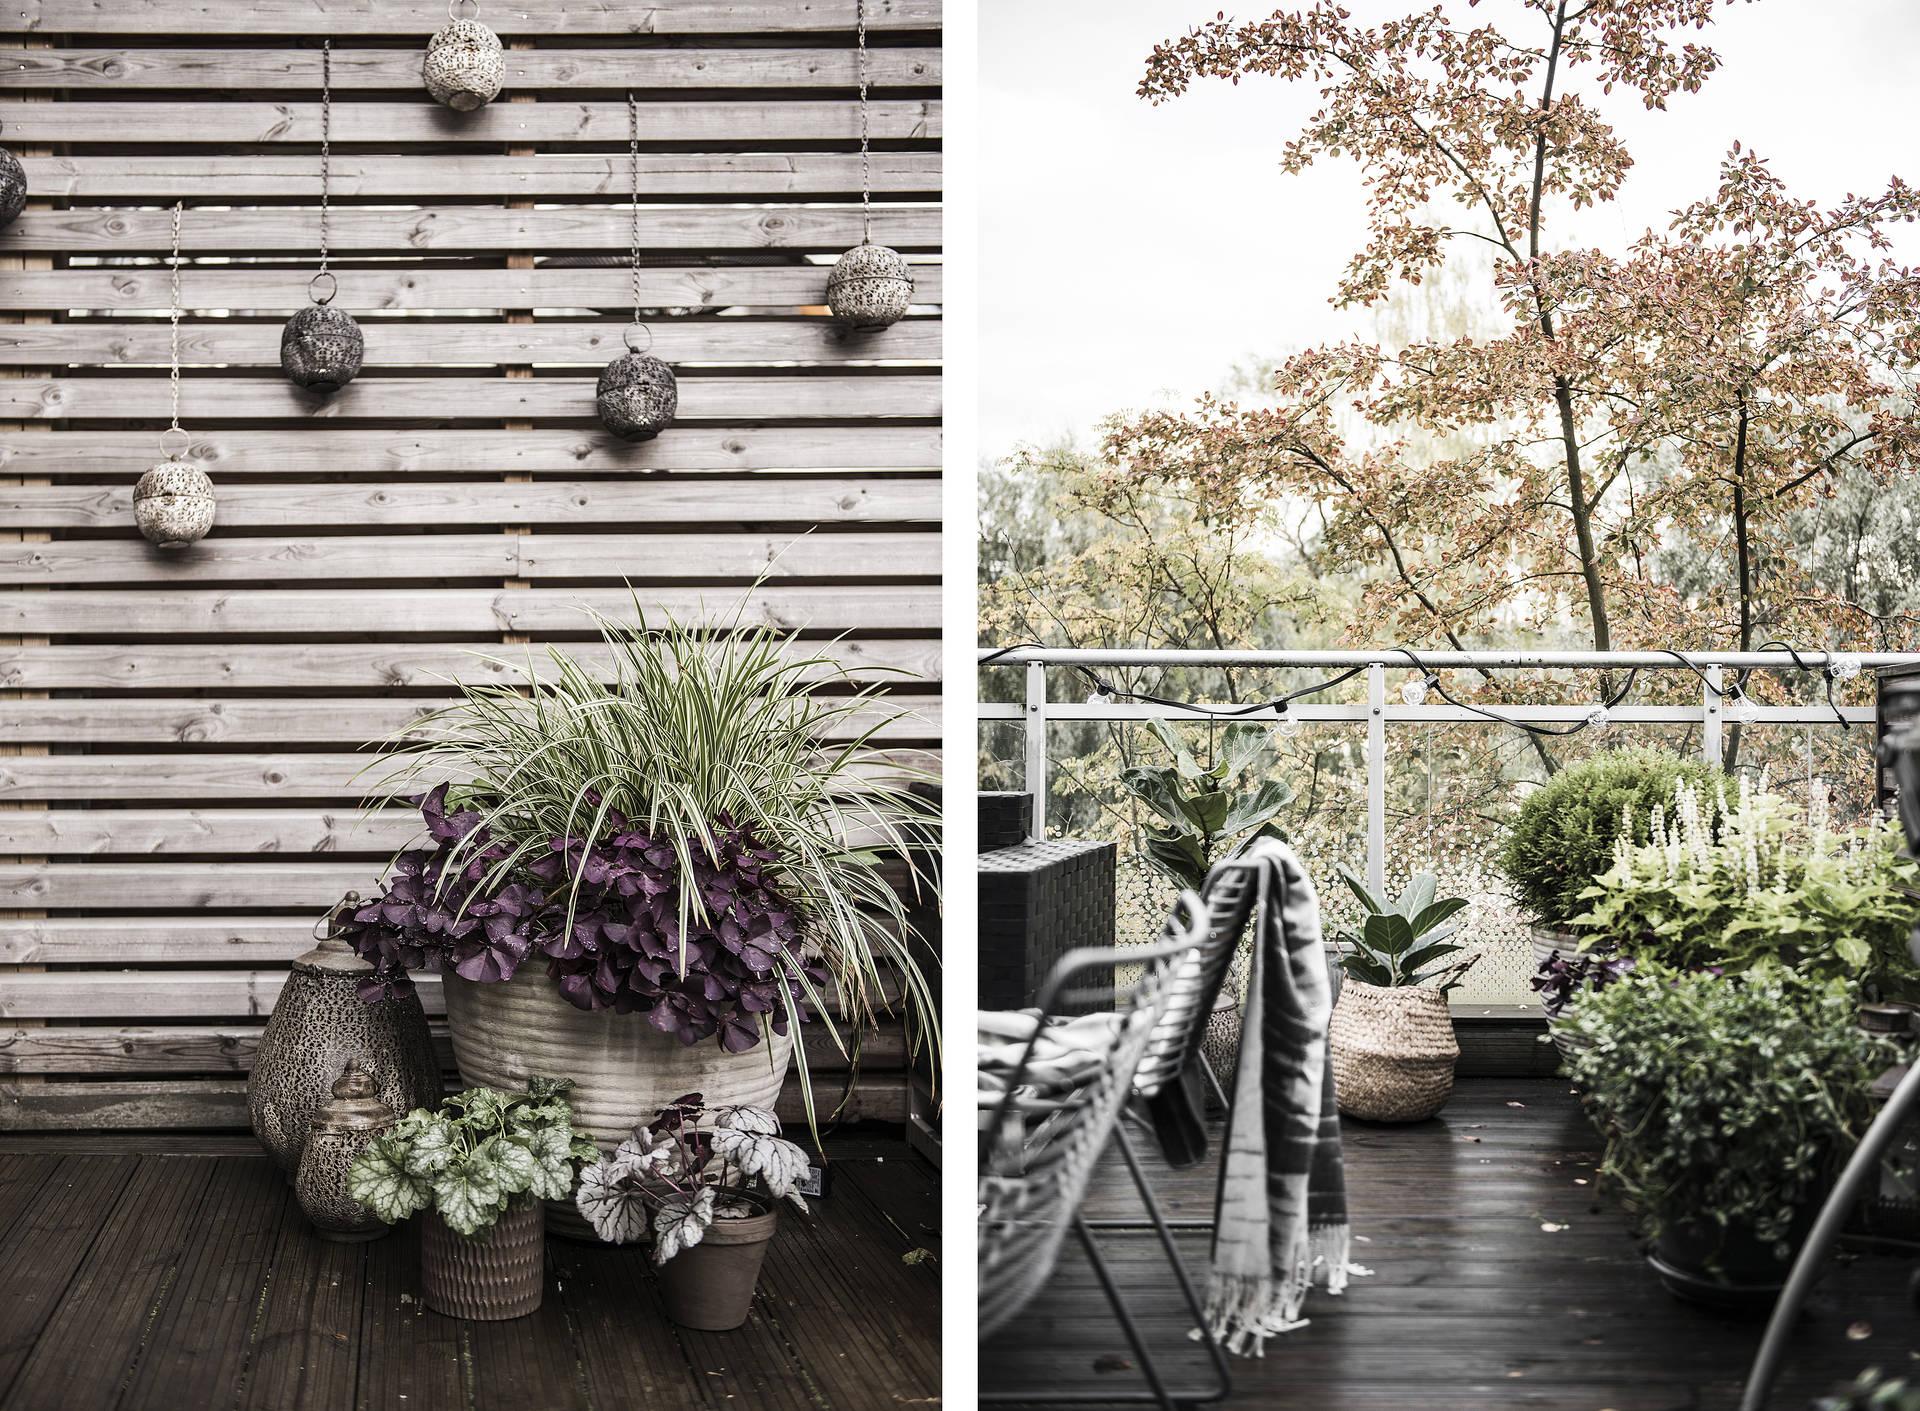 деревянный забор терраса кашпо растения